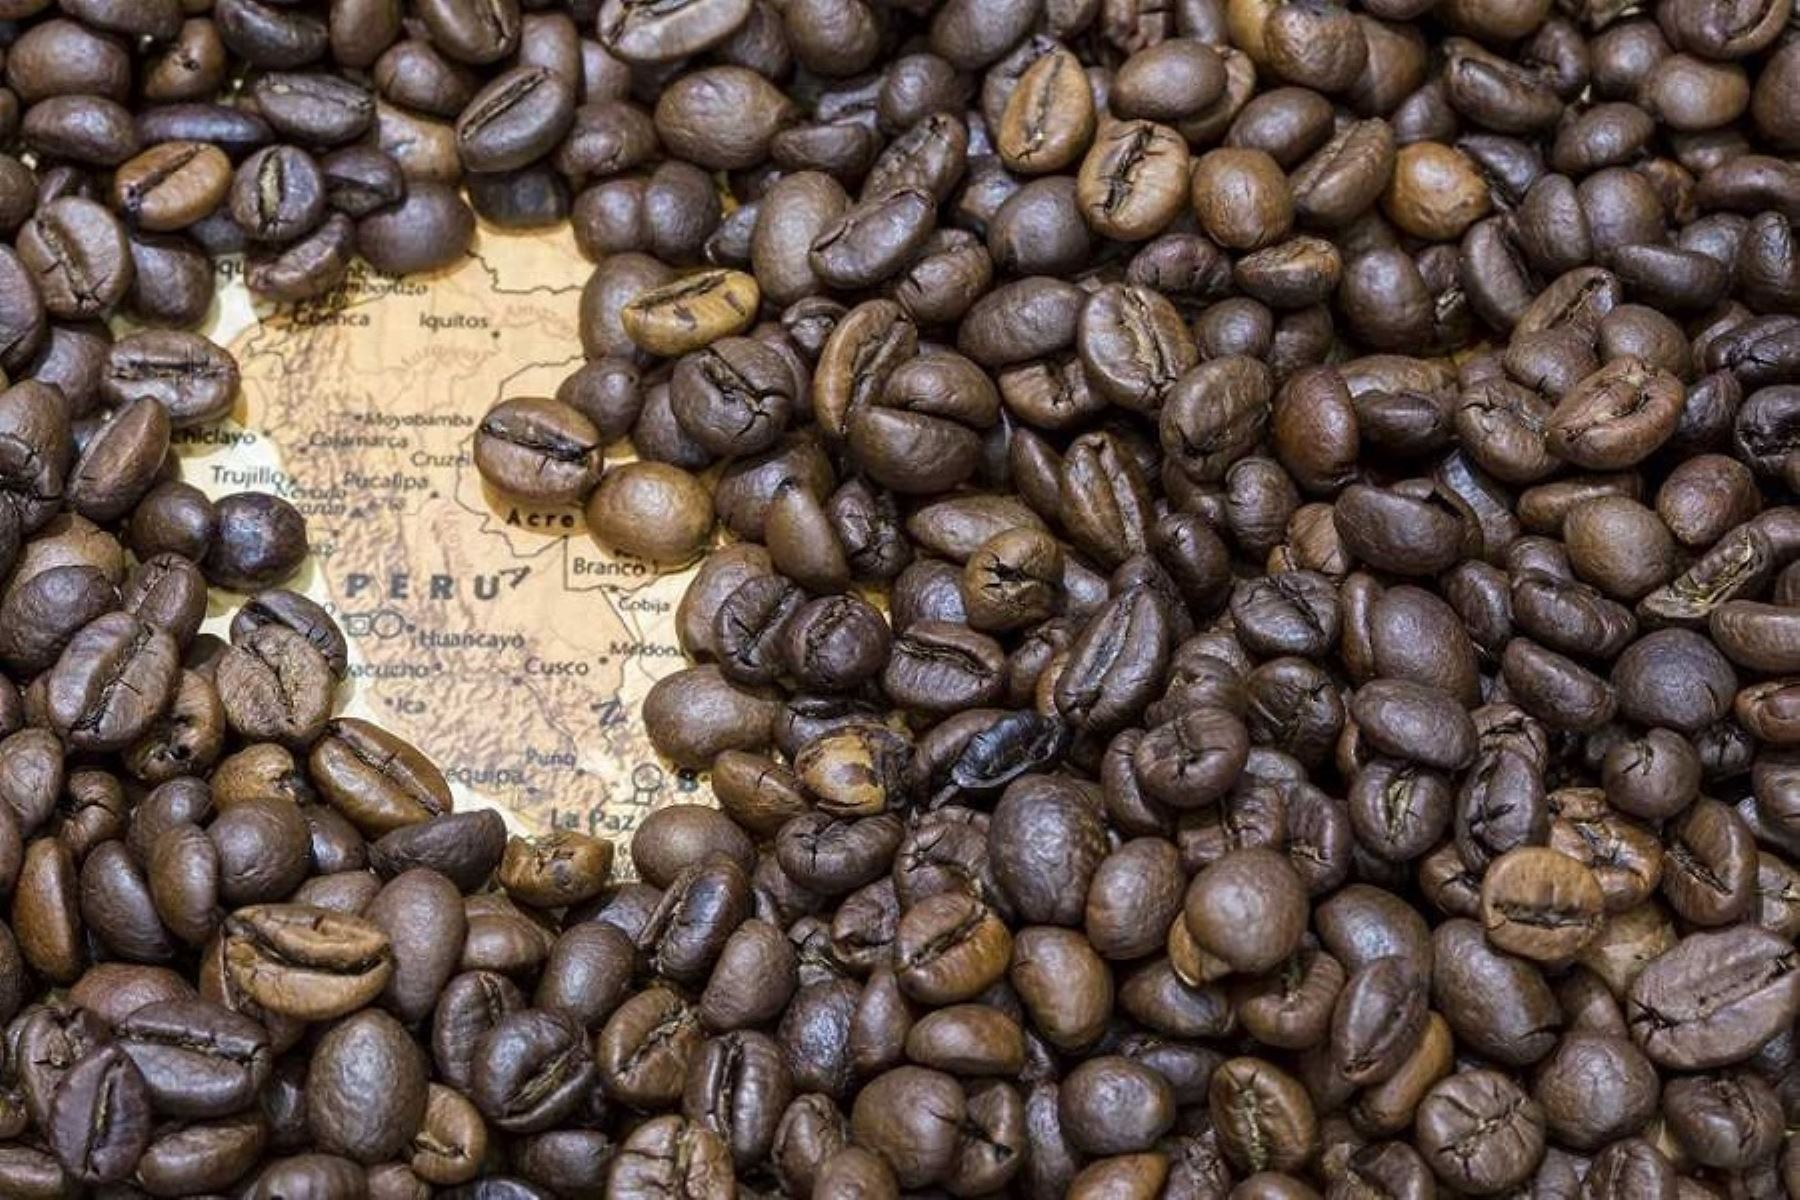 En el Perú, el café se produce en 210 distritos rurales ubicados en 47 provincias de 10 departamentos. La superficie cultivada con café ocupa 230,000 hectáreas distribuidas en tres zonas, siendo la región más apropiada para obtener los mejores rendimientos con alta calidad la que se ubica en la zona de la selva, bajo una ecología tropical. ANDINA/Difusión